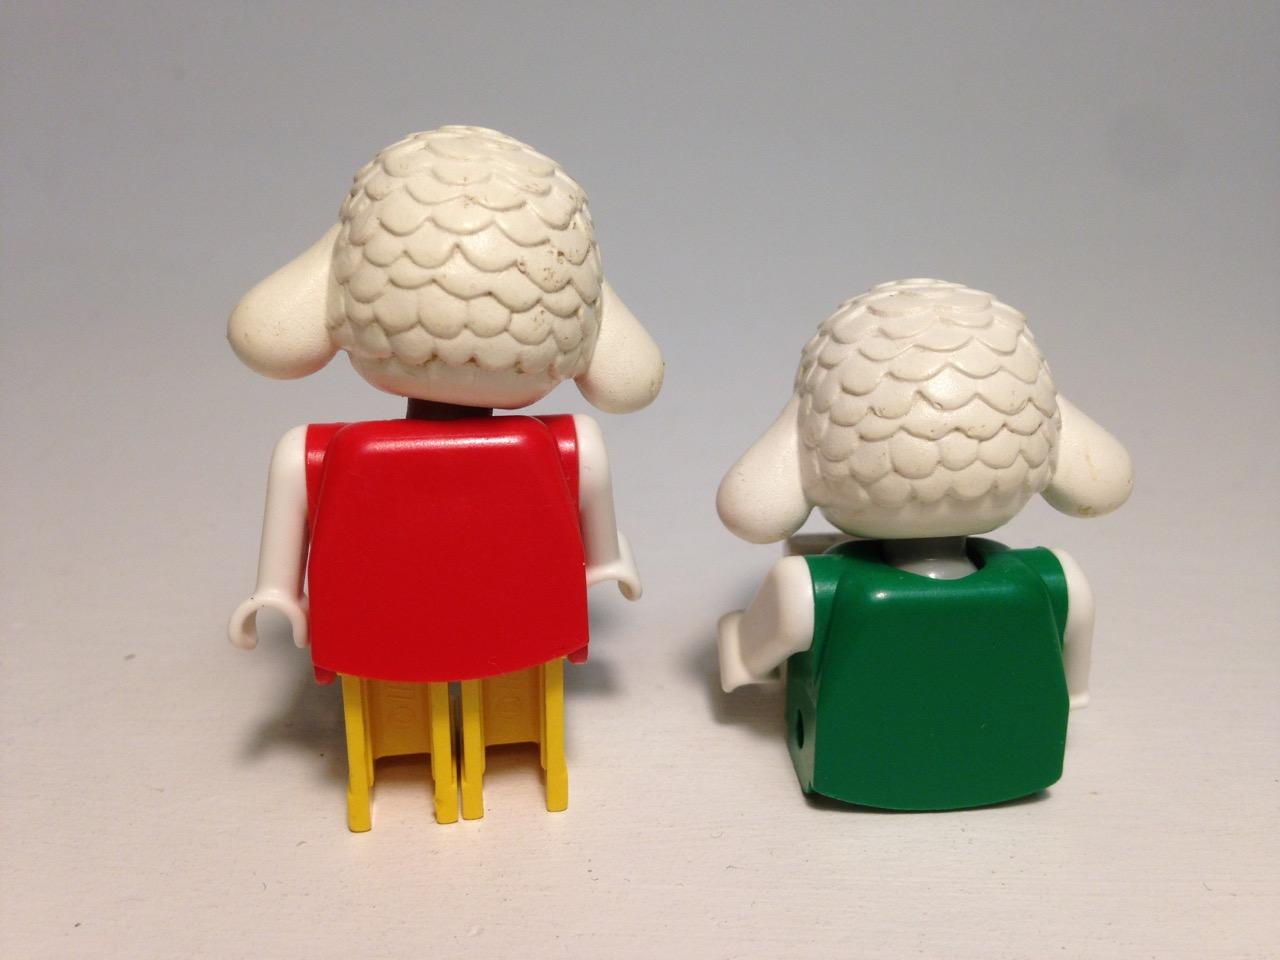 LE019 LEGO 2x FABULAND SHEEP/LAMB FIGURES